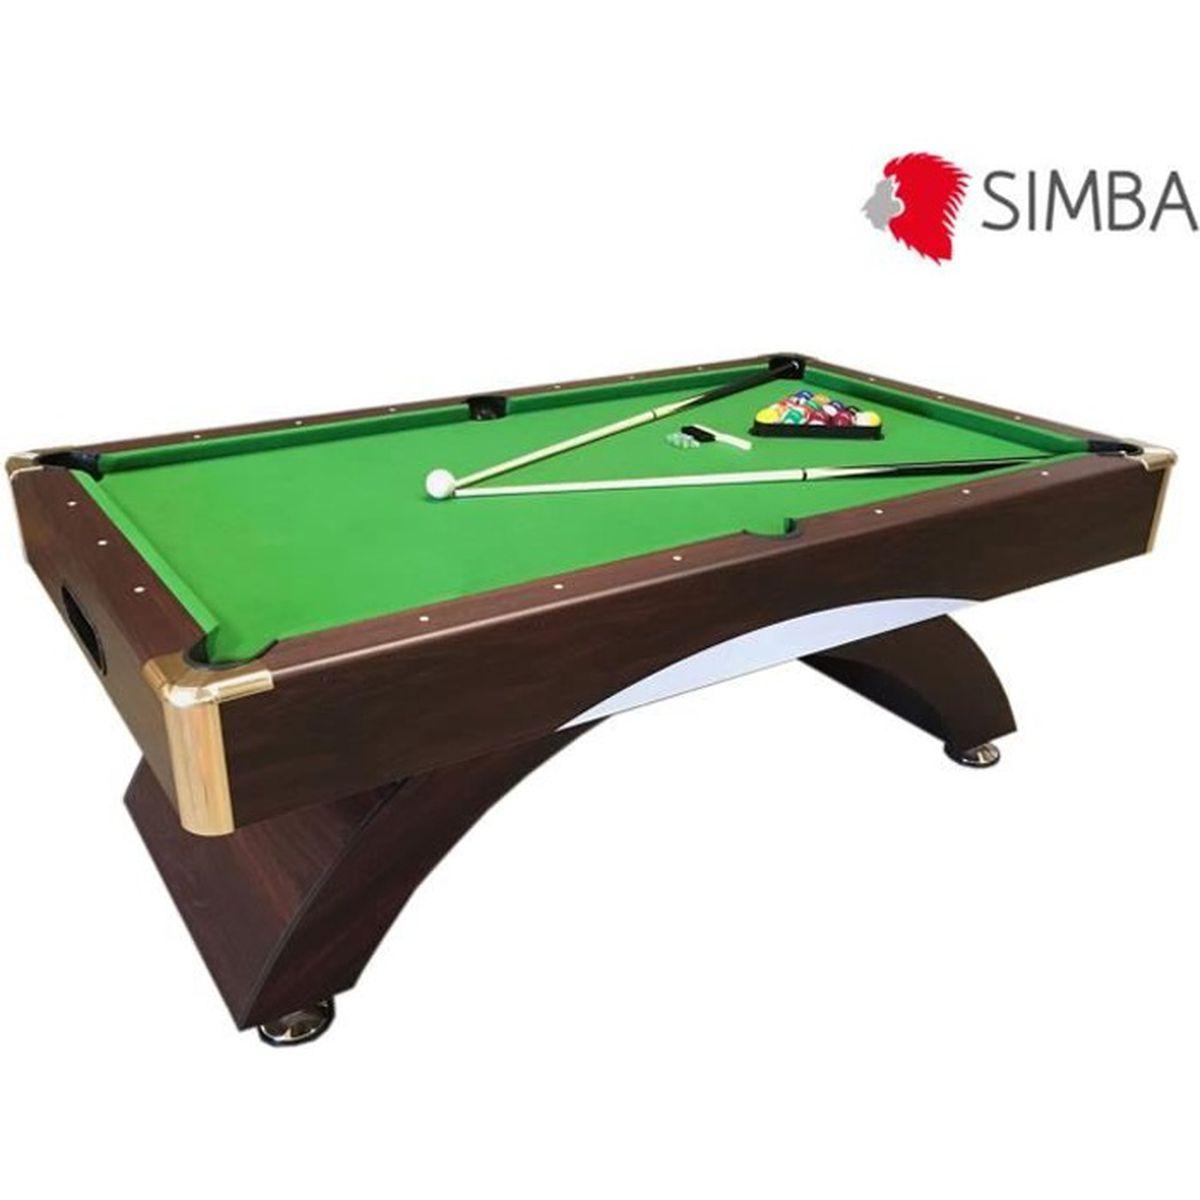 bille billard 8 pool achat vente jeux et jouets pas chers. Black Bedroom Furniture Sets. Home Design Ideas